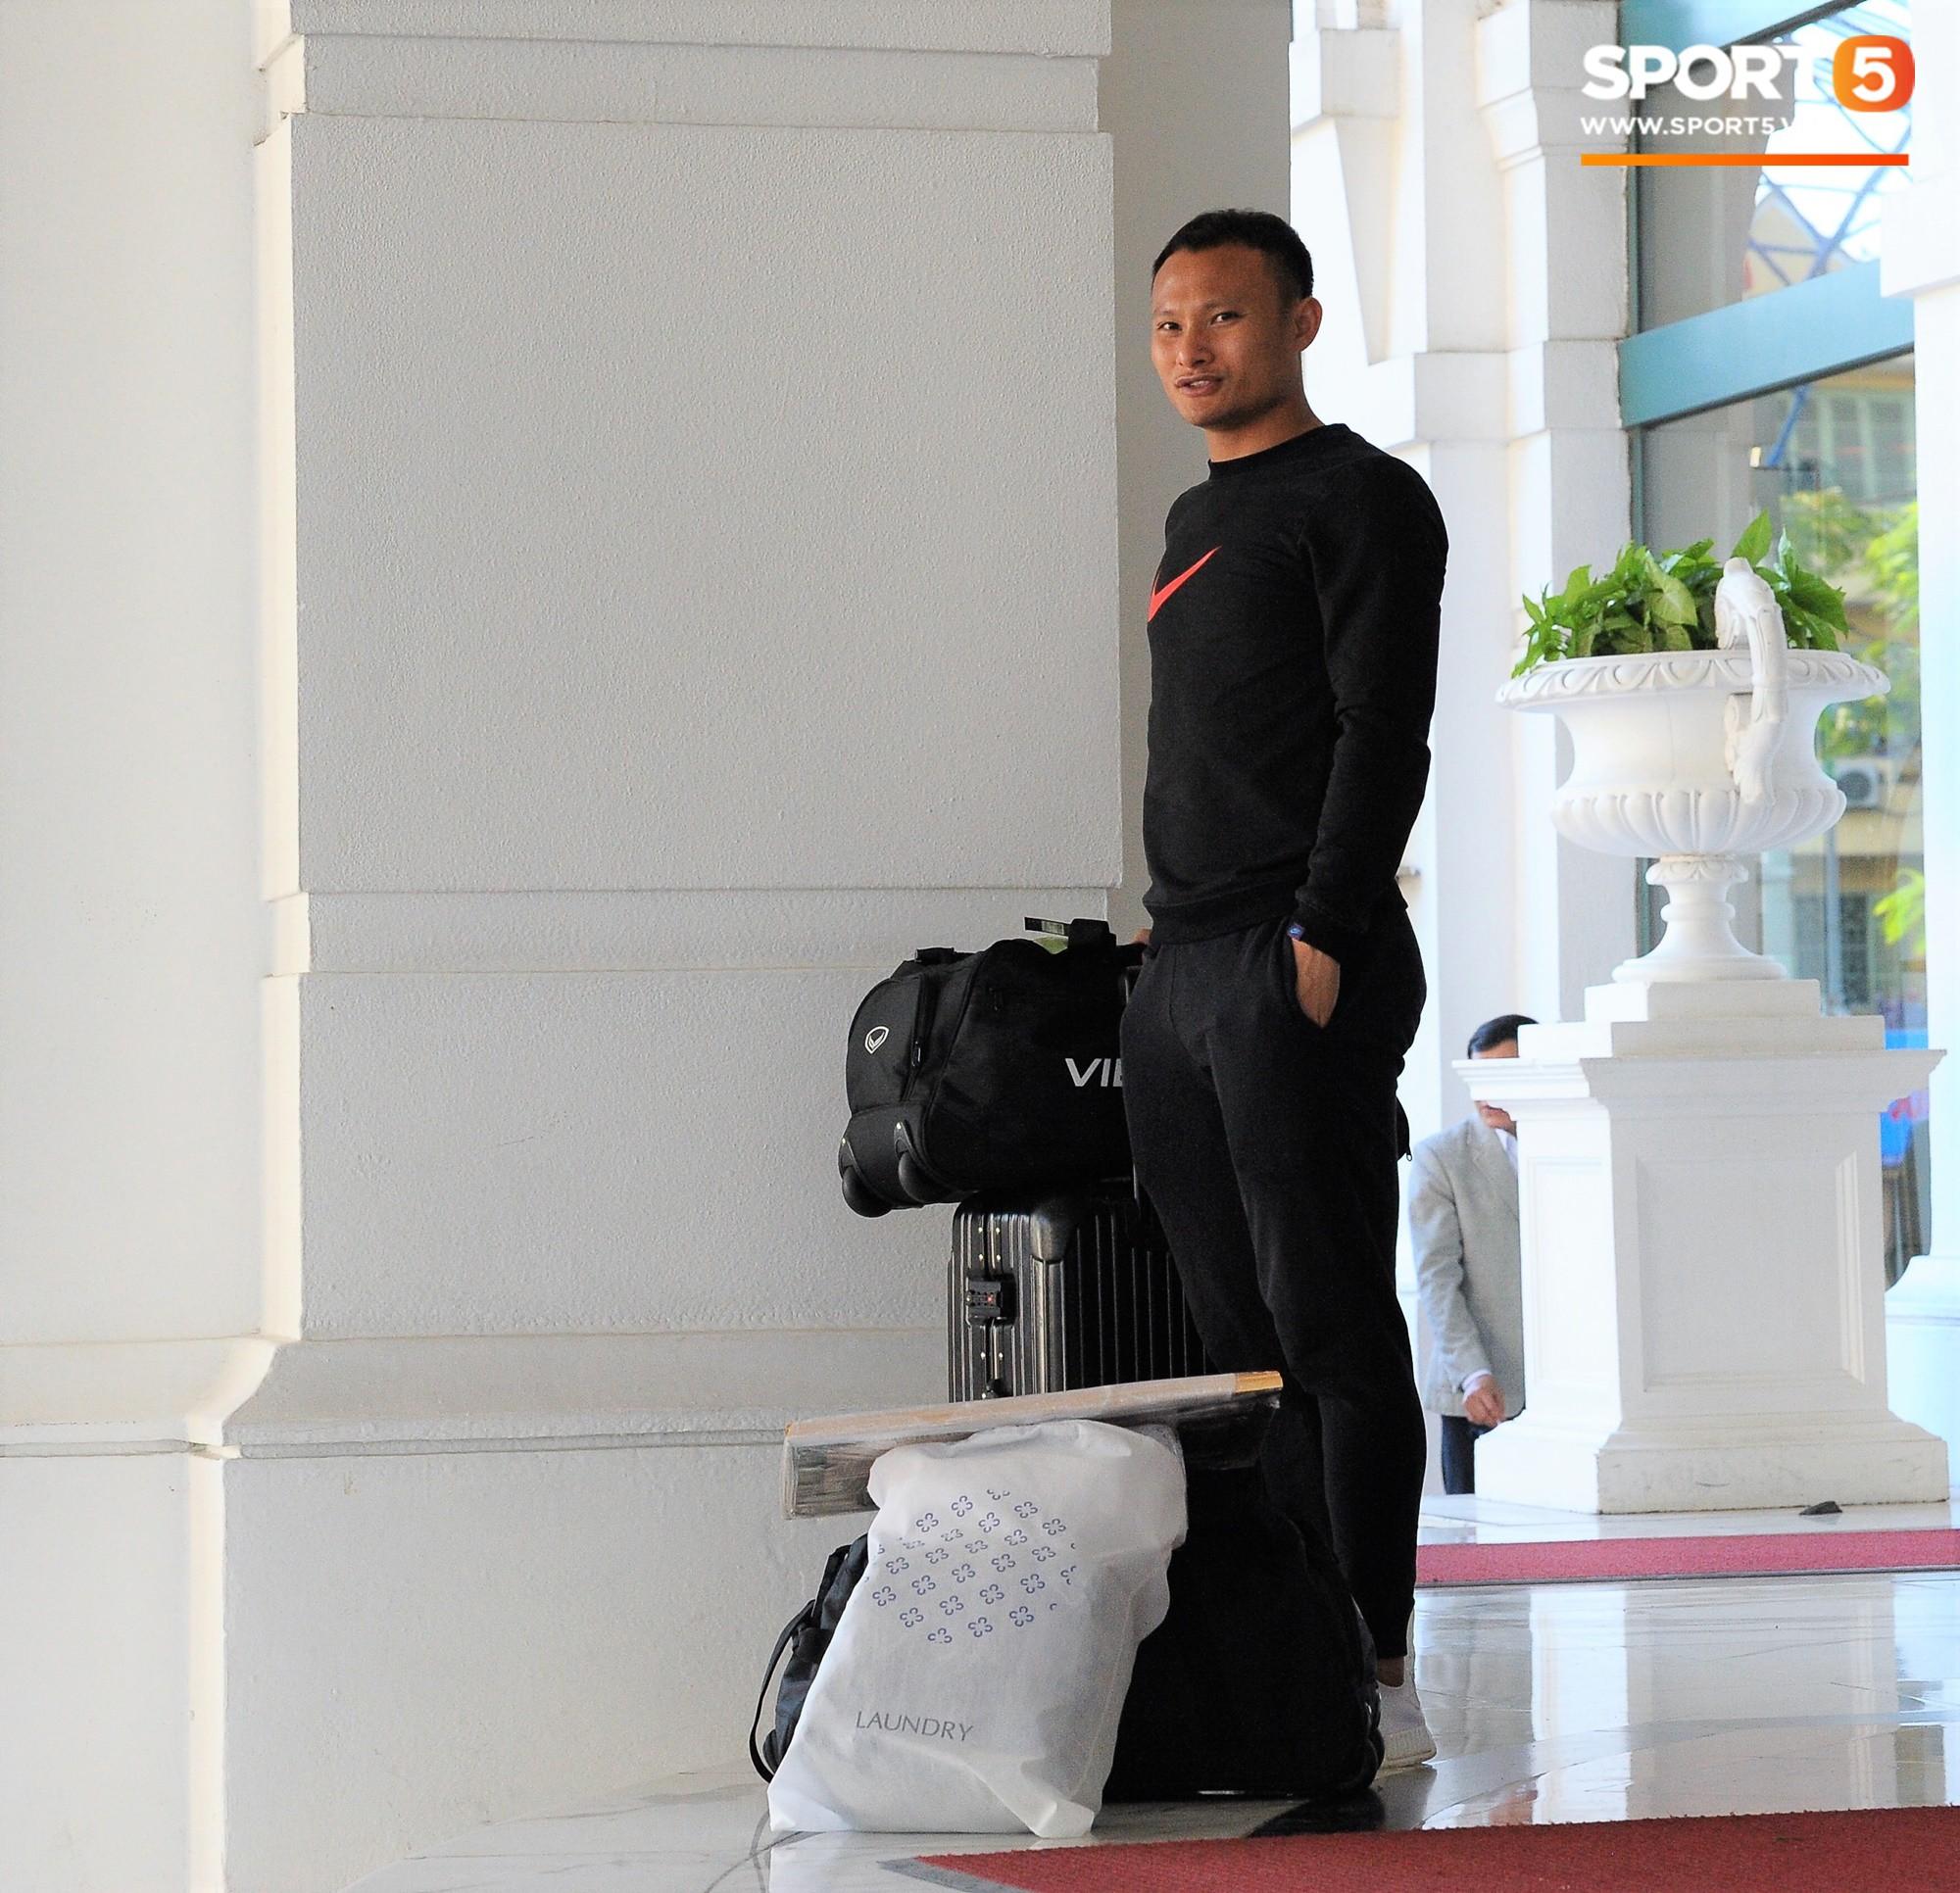 Các tuyển thủ chuẩn bị sang Qatar: Duy Mạnh hớt hải xách đồ vẫn không quên chào fan, Trọng Hoàng gửi bớt đồ về nhà cho đỡ vướng-4